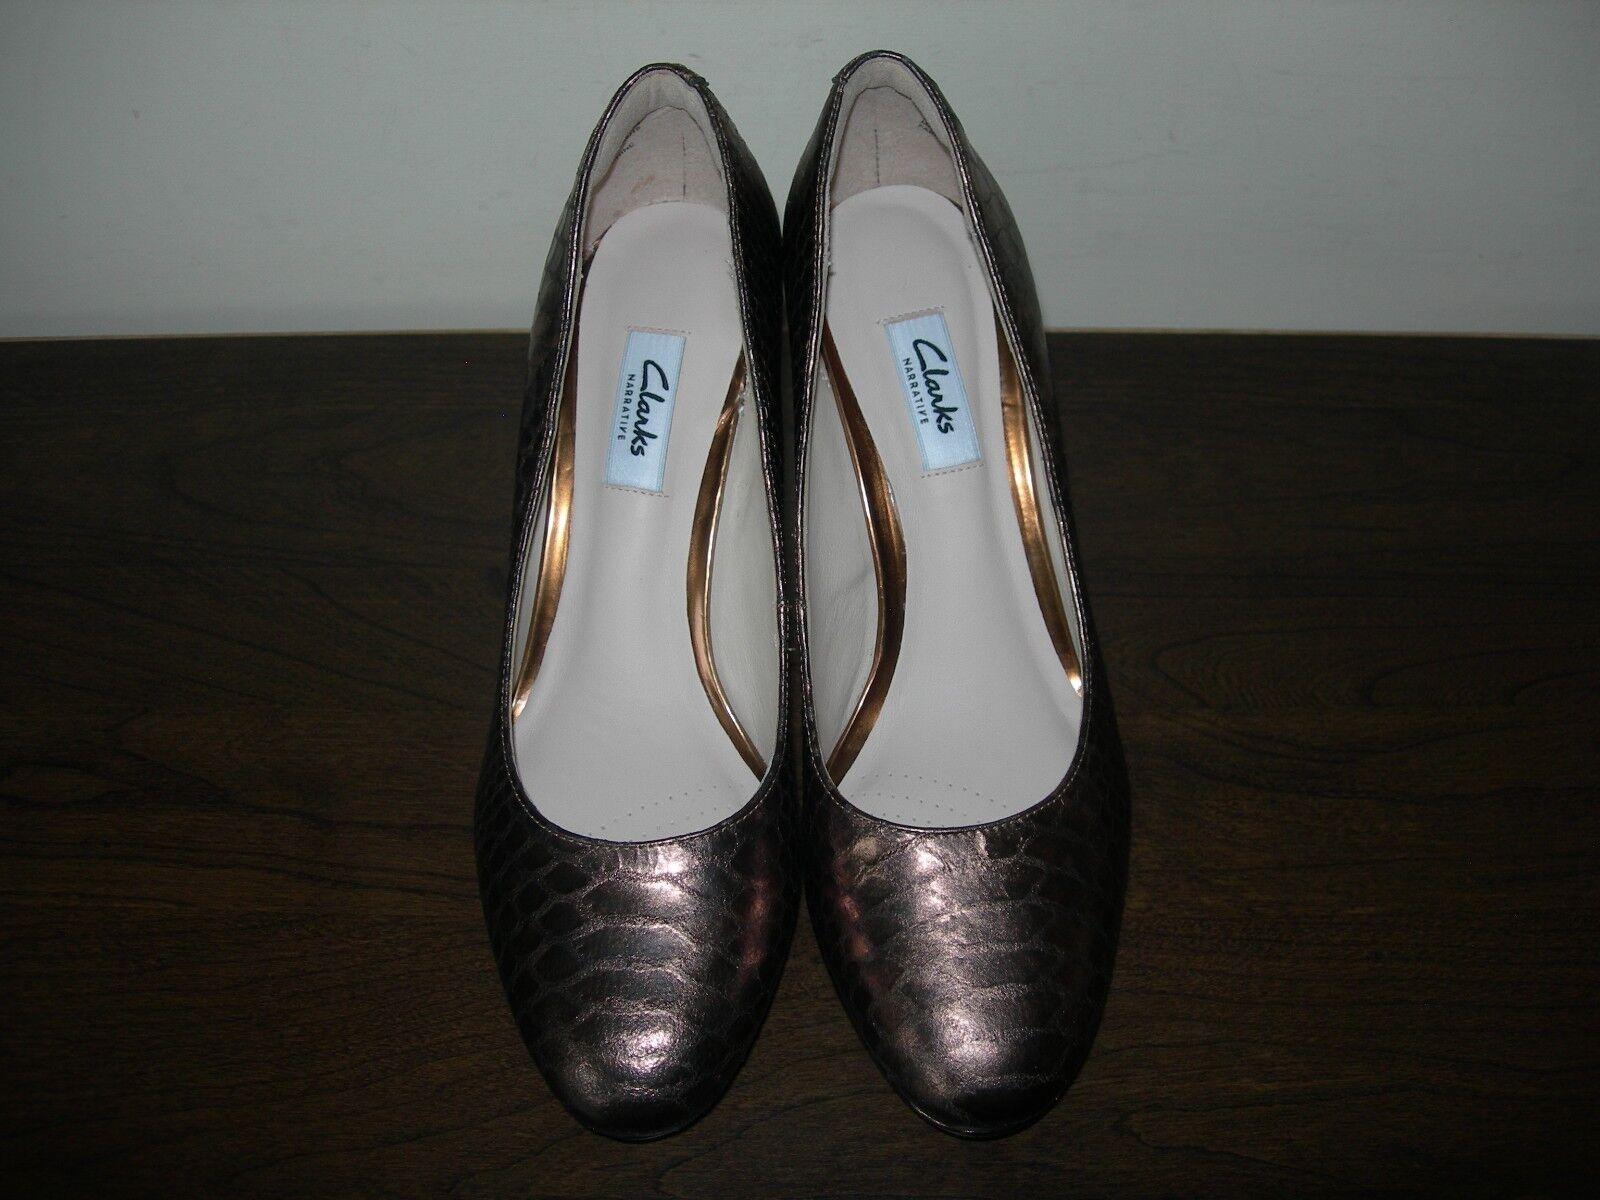 CLARKS NARRATIVE WOMEN'S COURT Schuhe BRONZE SIENNA KENDRA SIENNA BRONZE (II) EU 39 / UK 5.5 D a0ddd6